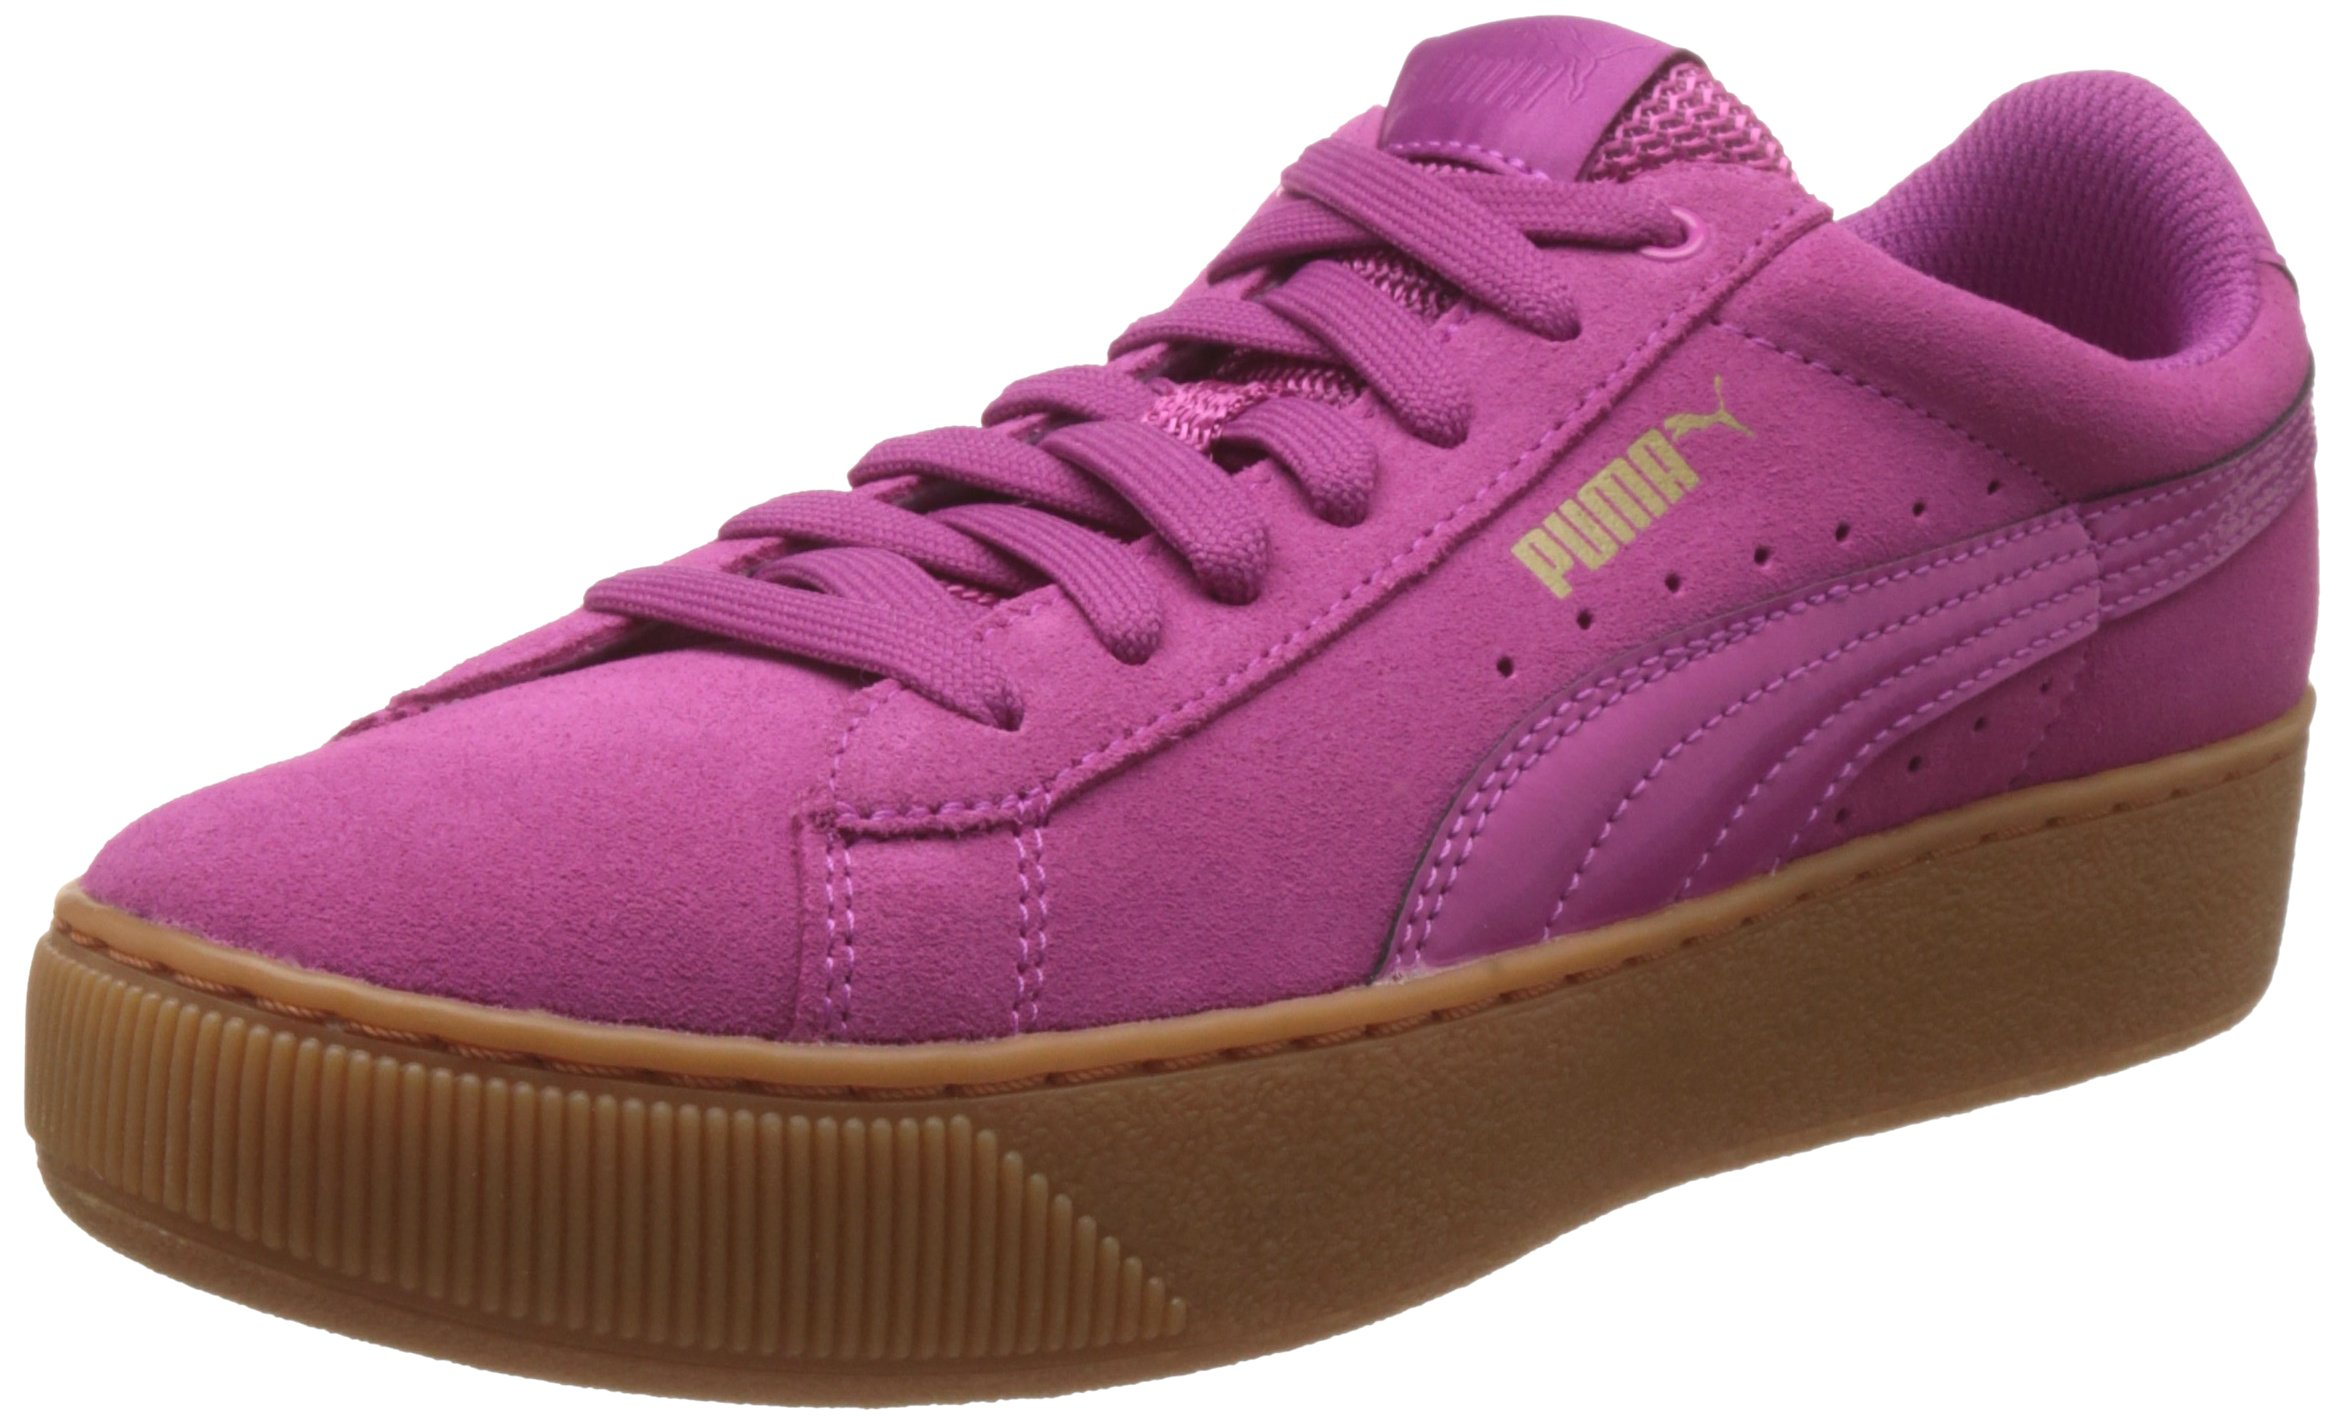 Puma rose Vikky 0438 Basses Eu Violet Violet FemmeRoserose PlatformBaskets 5S43AjqRcL